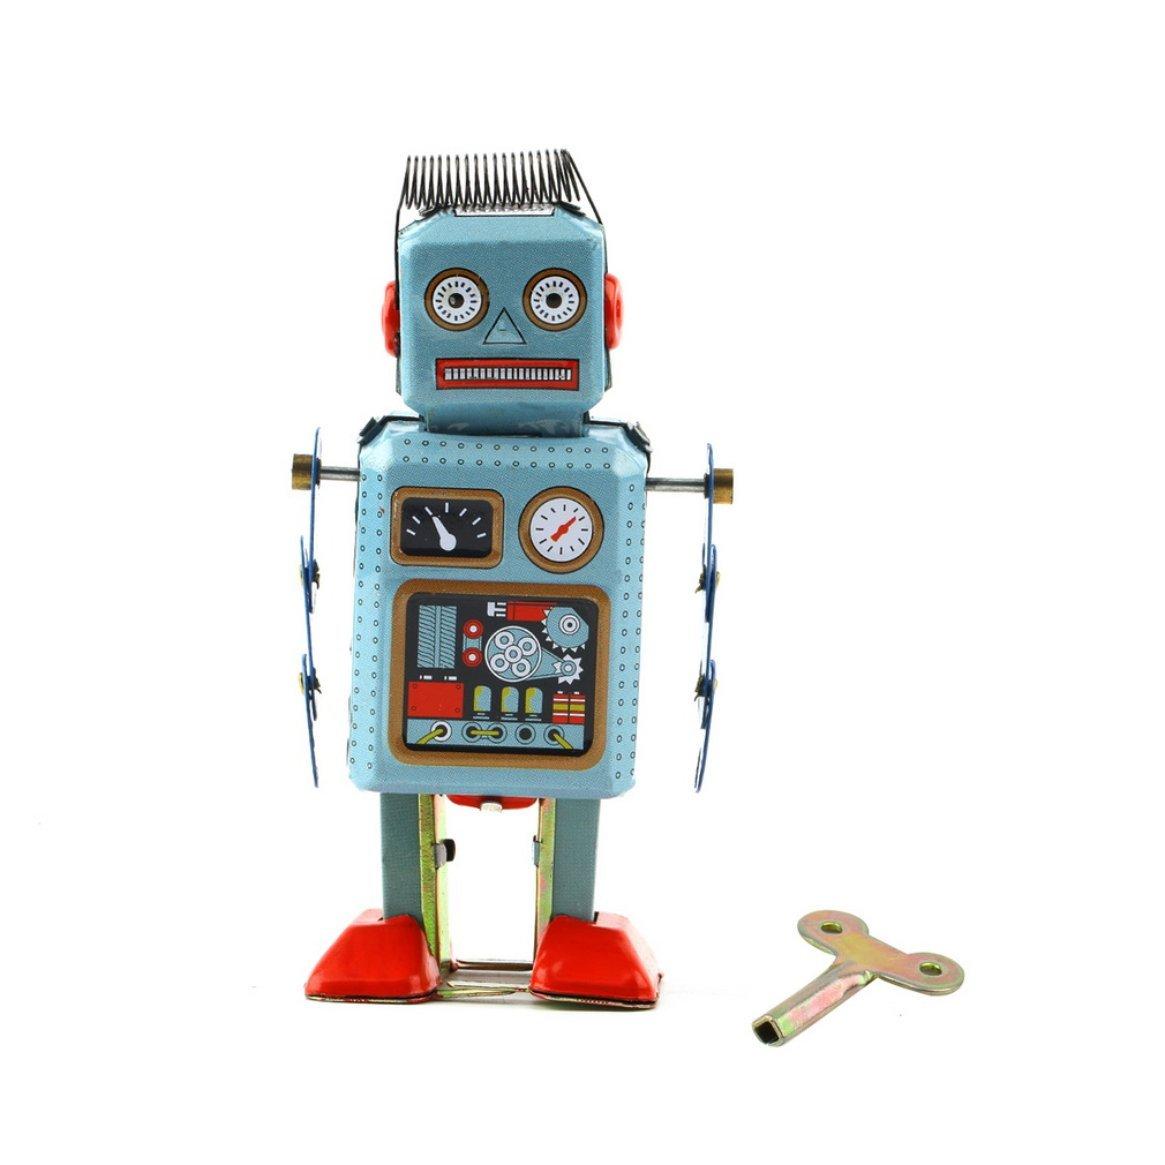 1pc meccanico vintage clockwork wind up metallo walking robot giocattolo di latta per bambini regalo vendita in tutto il mondo in tutto il mondo Delicacydex